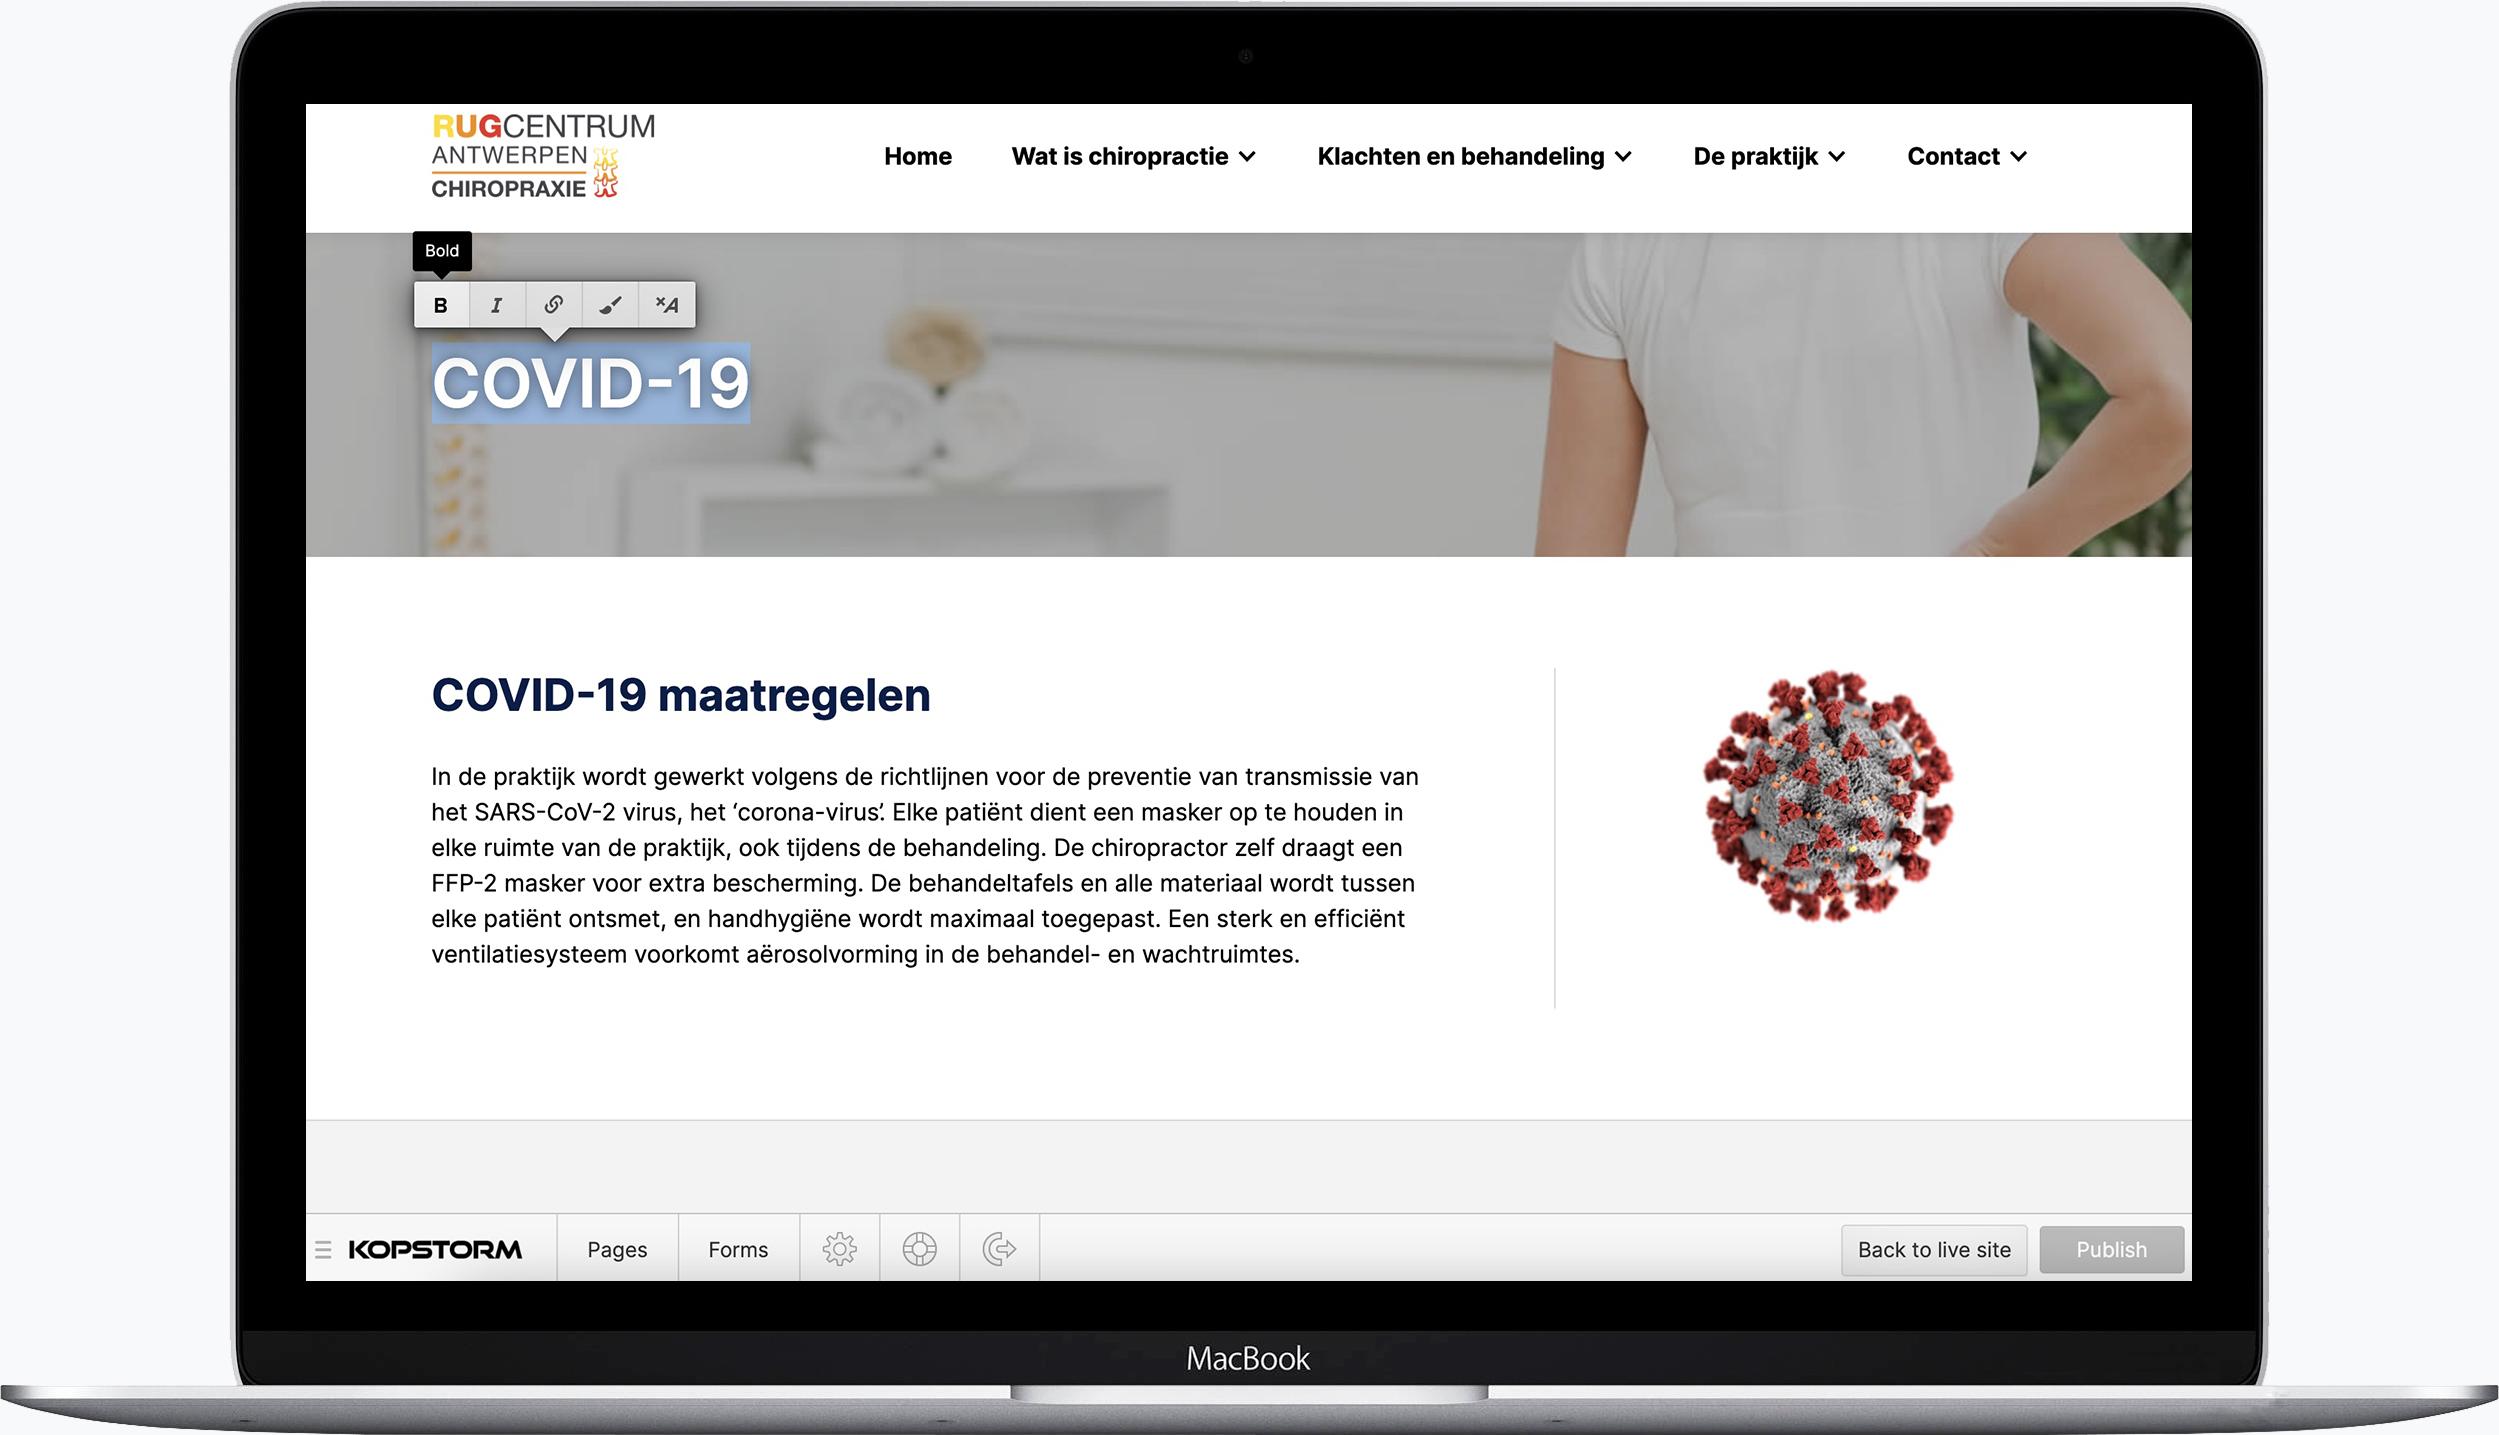 Webflow website editor